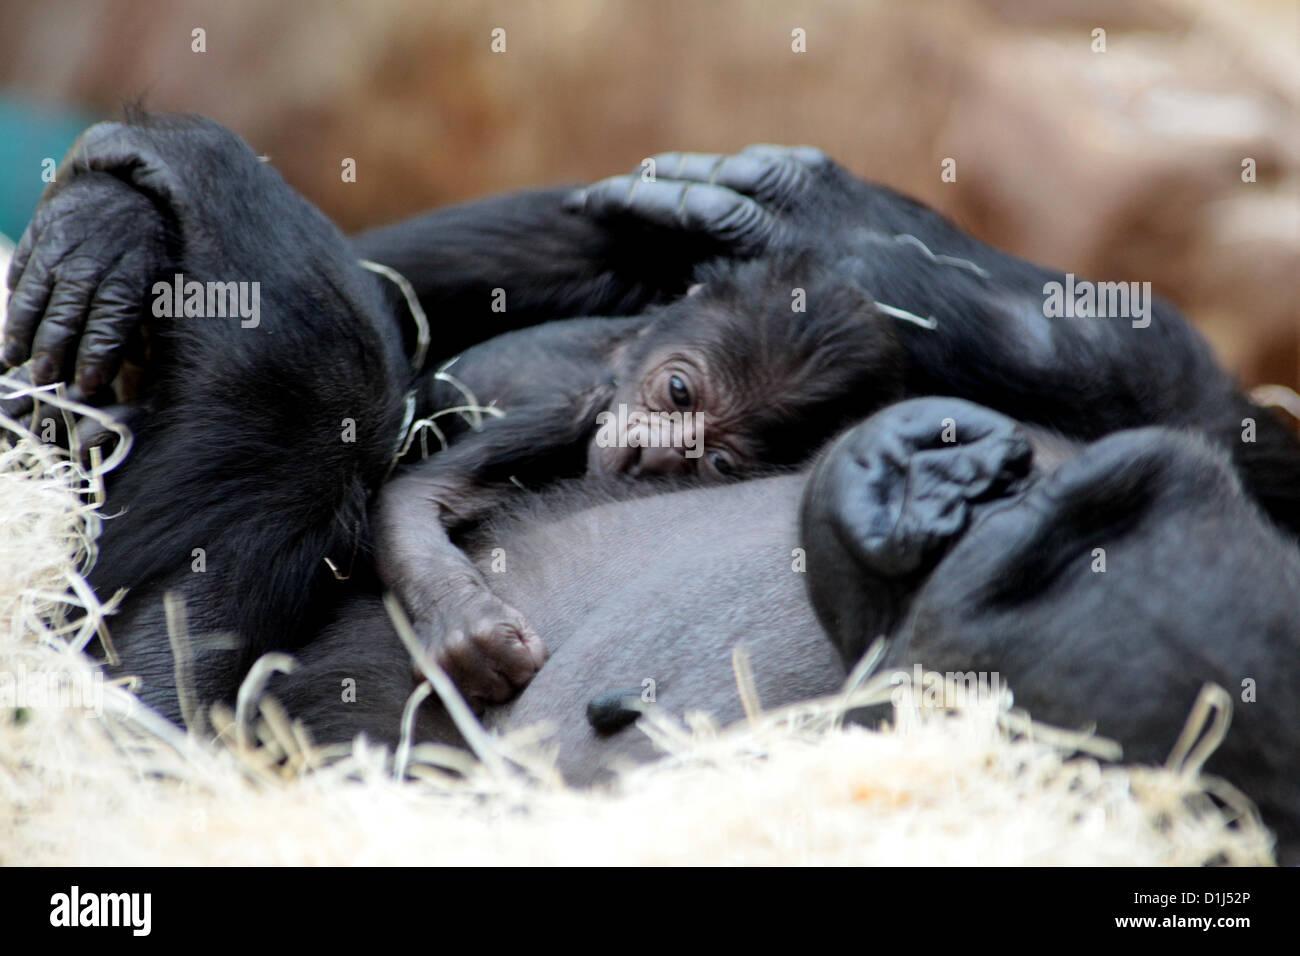 Praga, República Checa. 24rd, 2012 Kijivu Dec, un gorila de las tierras bajas, sostiene a su bebé recién nacido Foto de stock